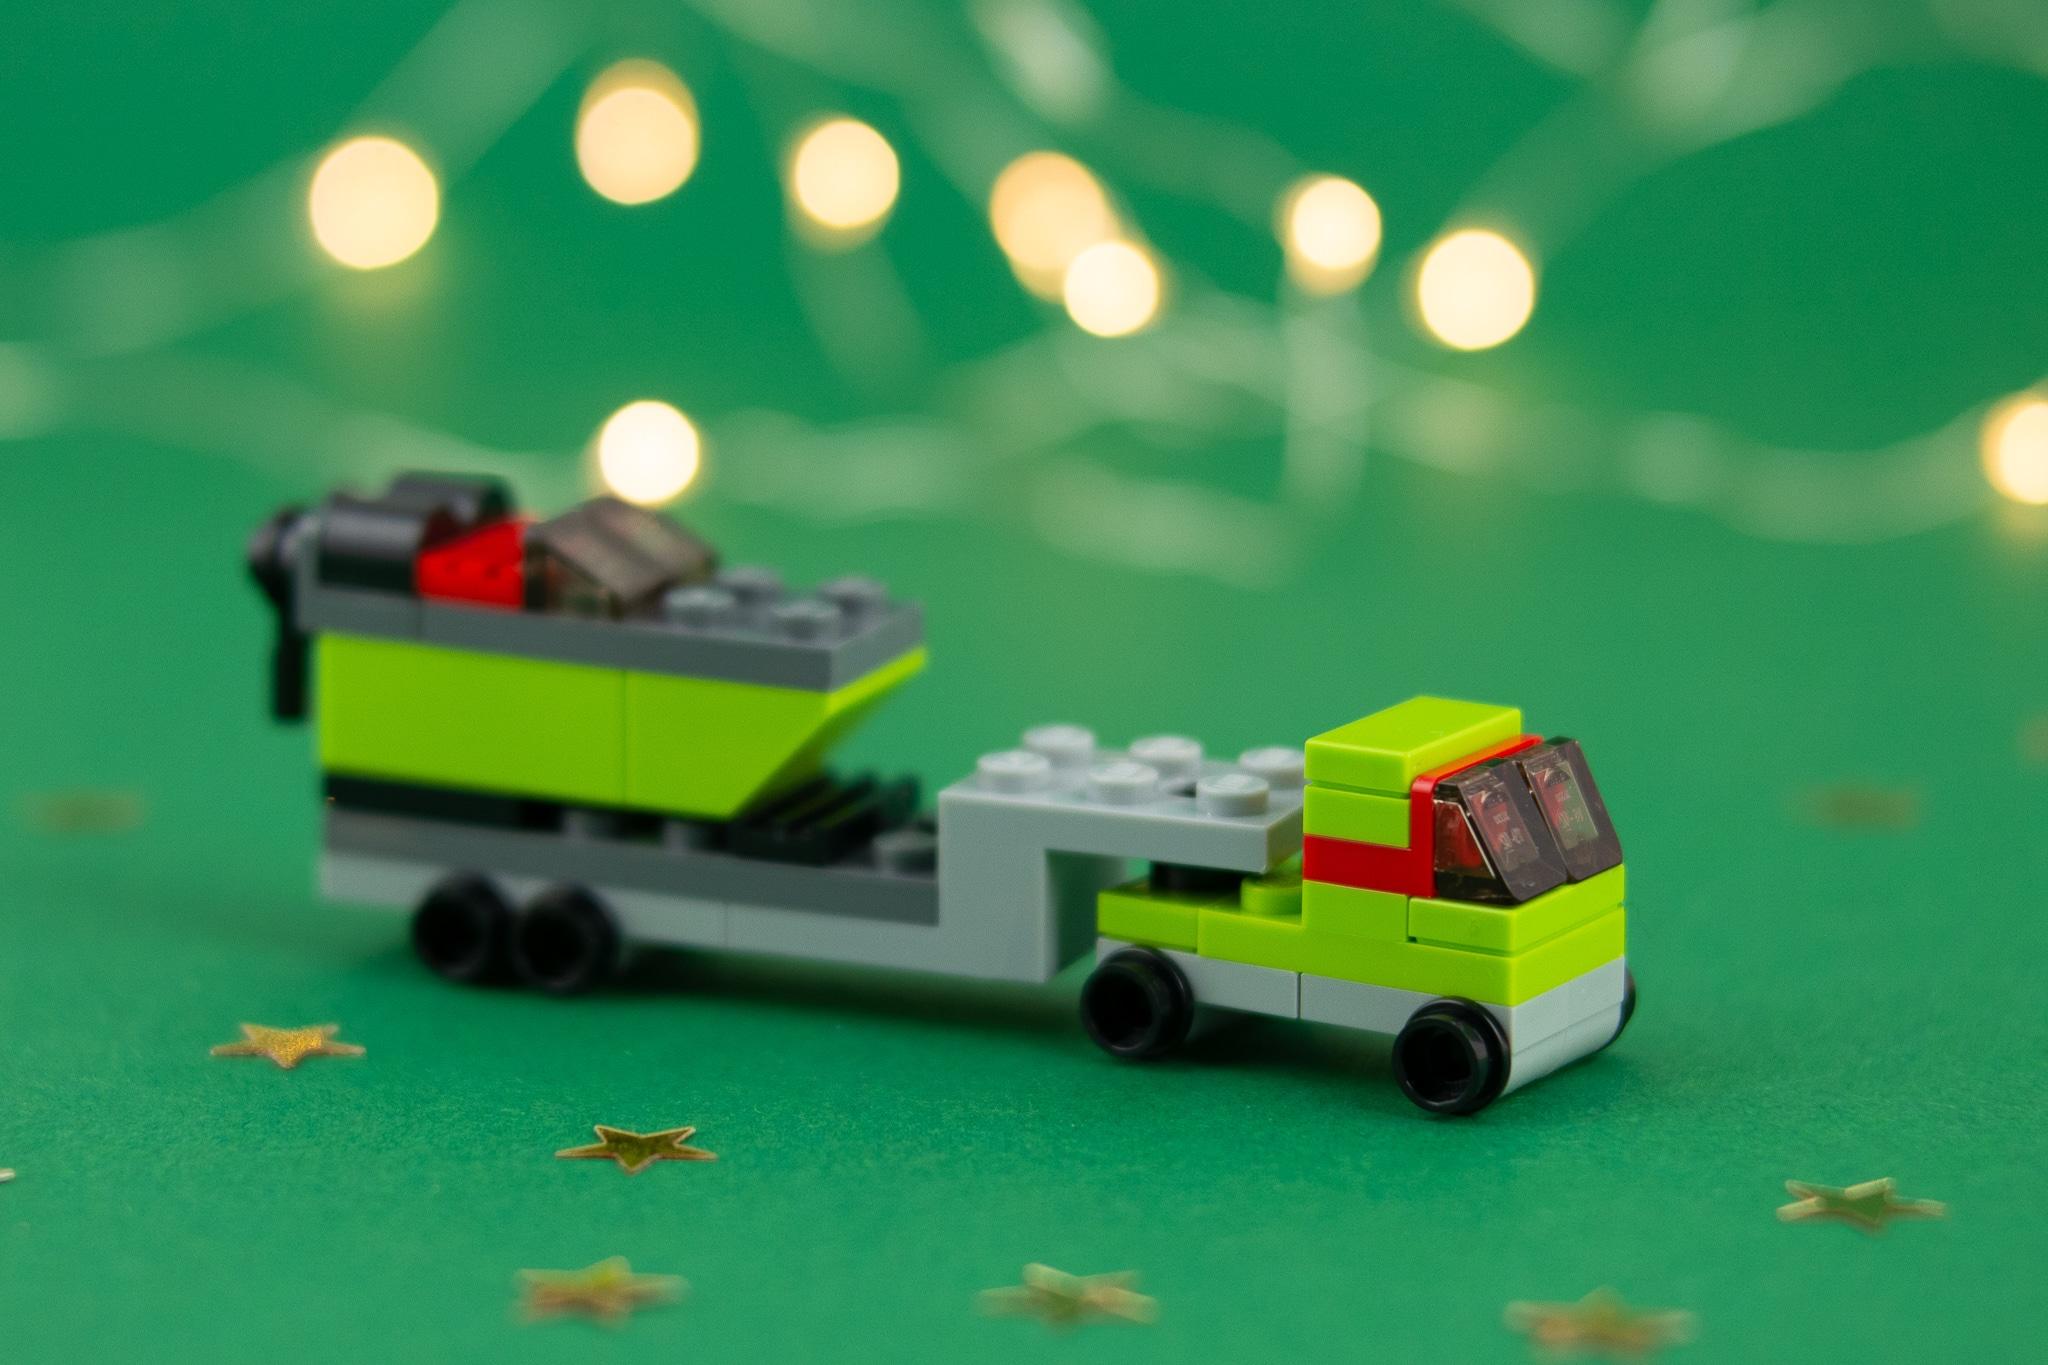 LEGO City 60268 Kalender Lkw (2)